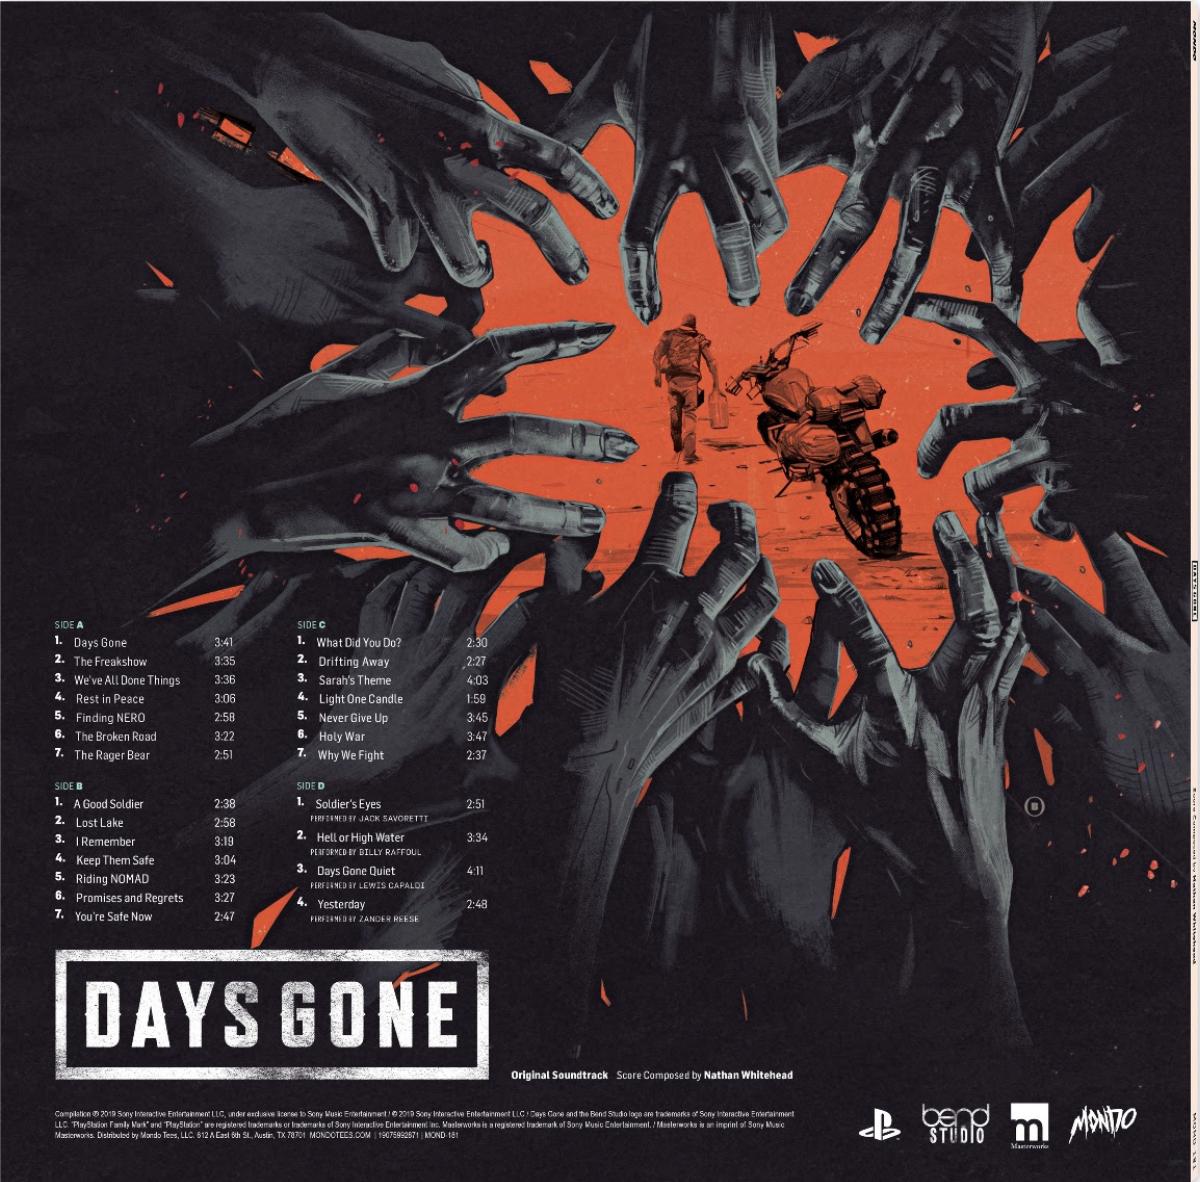 DAYS GONE (Original Video Game Soundtrack)